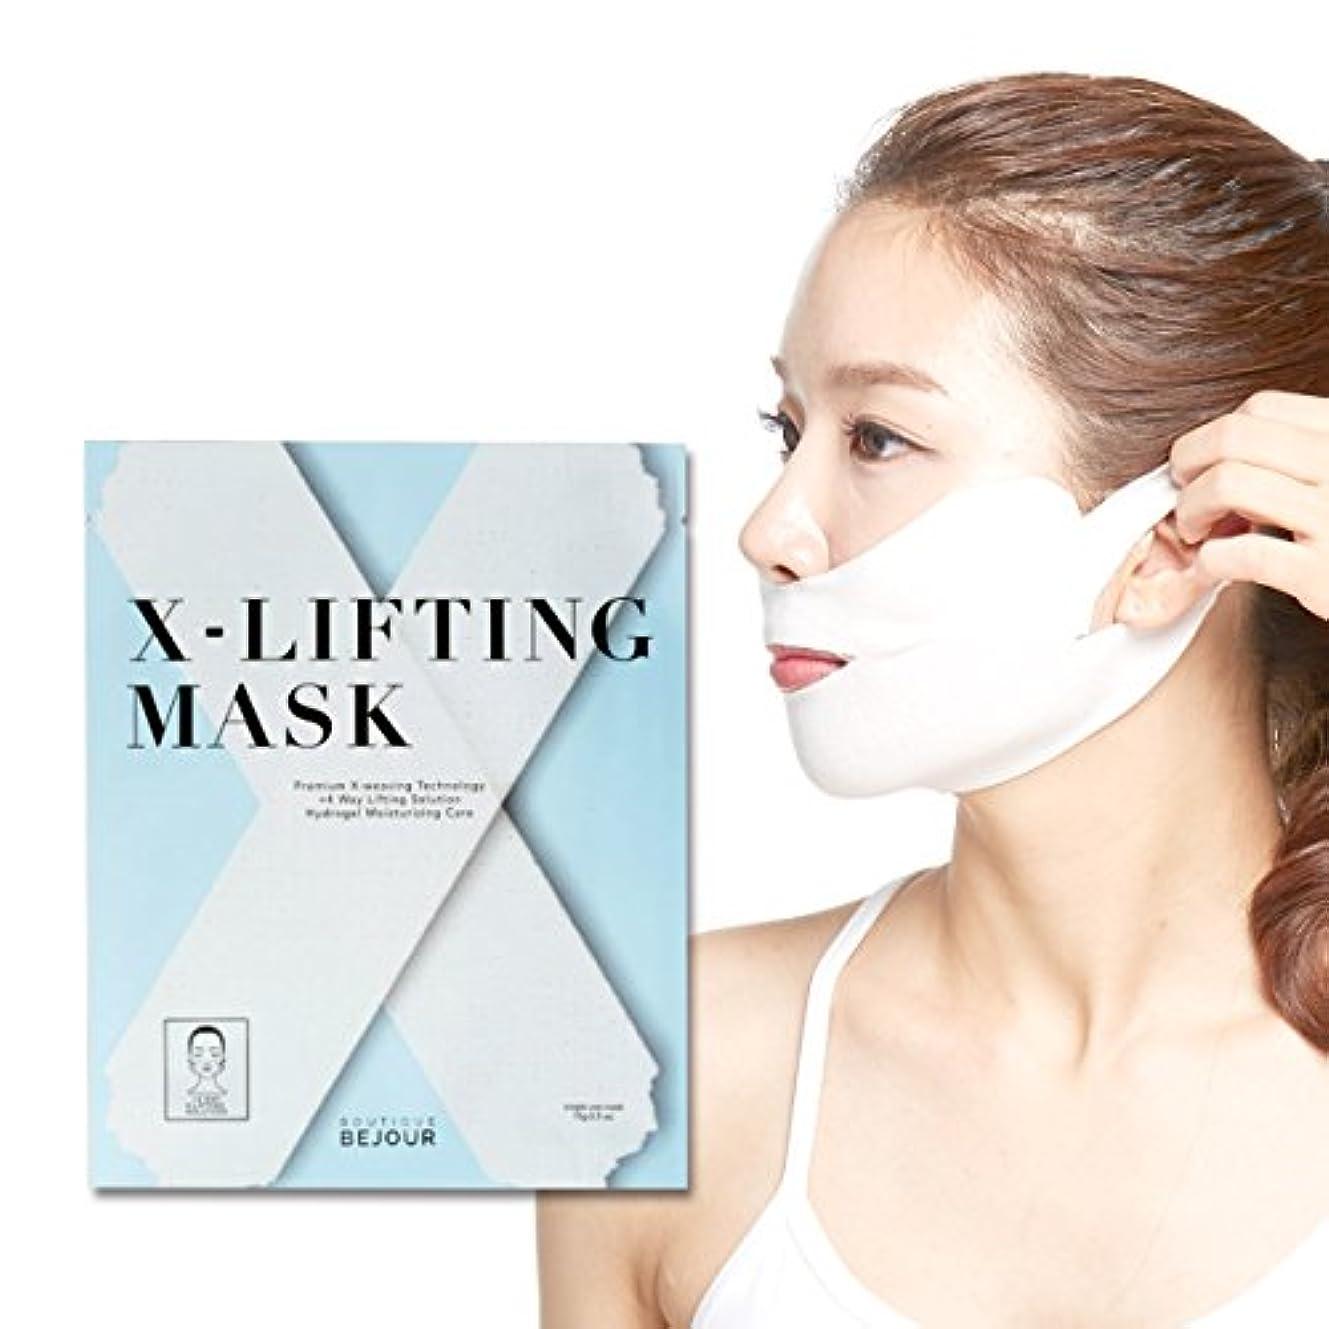 アグネスグレイ木製明示的に< ビジュール > X-Lifting (エックスリフティング) マスク [ リフトアップ フェイスマスク フェイスシート フェイスパック フェイシャルマスク シートマスク フェイシャルシート フェイシャルパック ローションマスク...